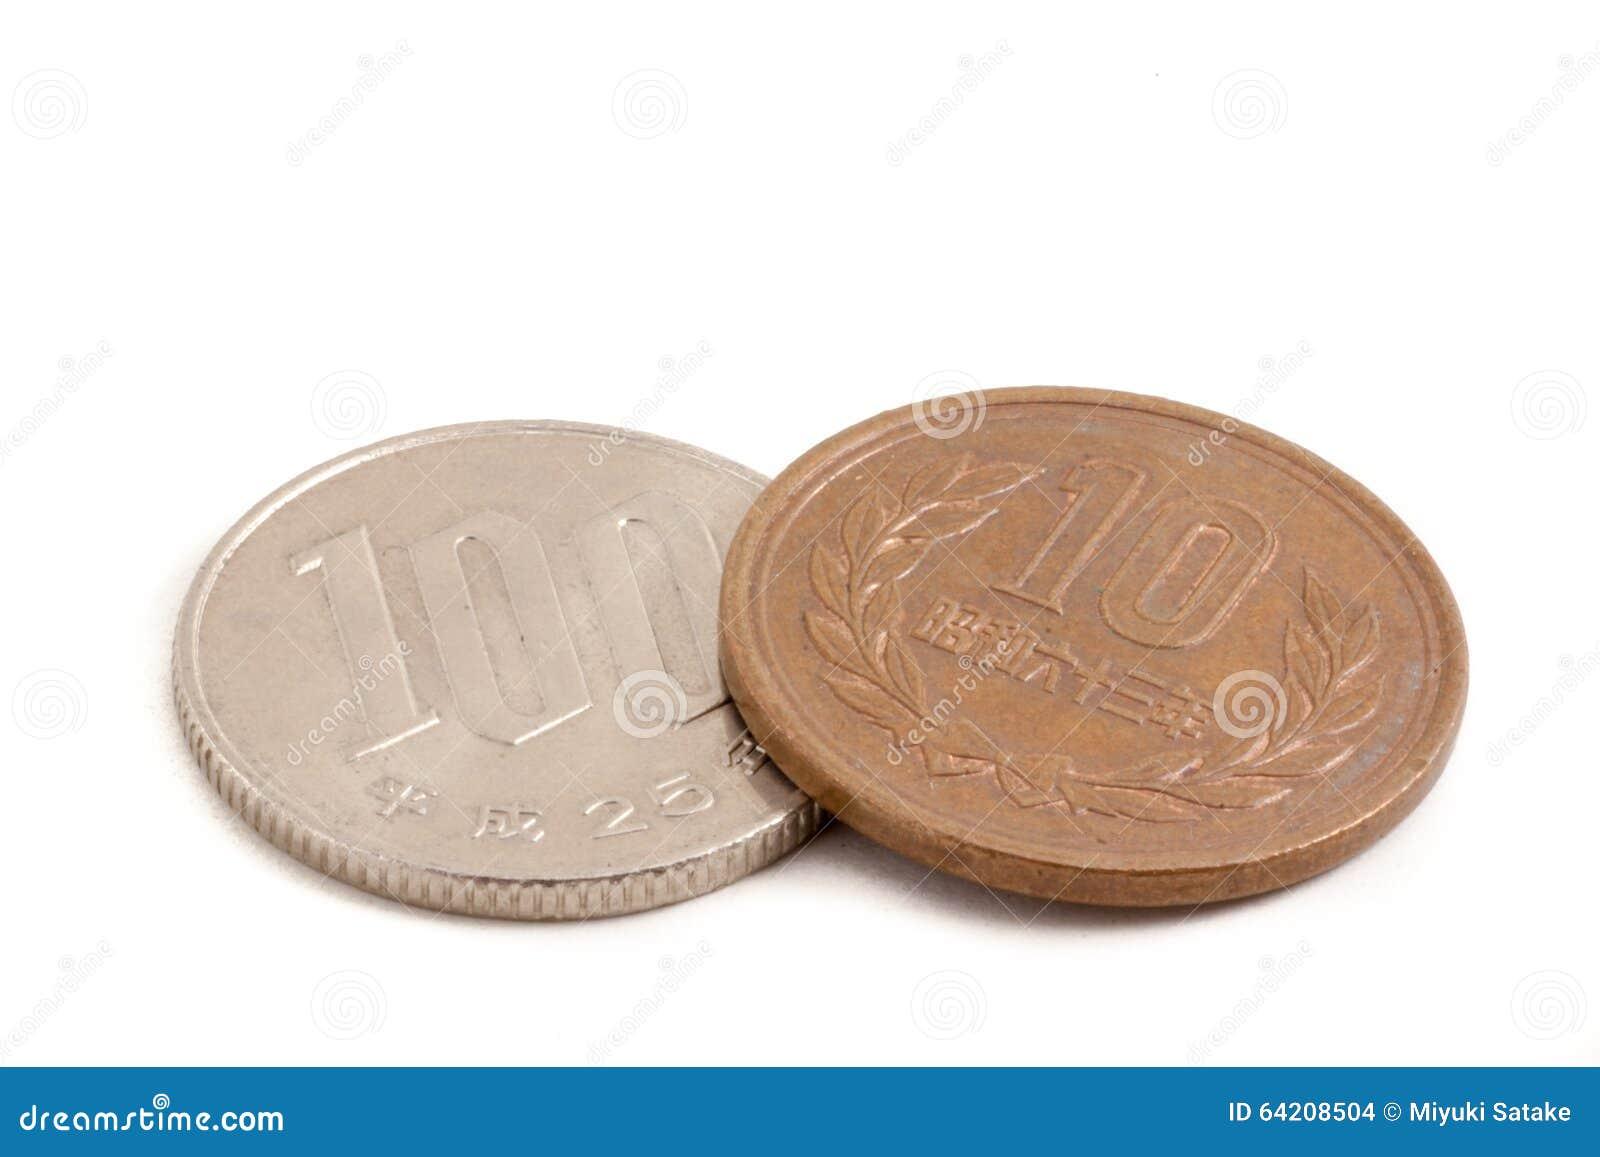 110 yenes, imposición fiscal del 10  en moneda japonesa